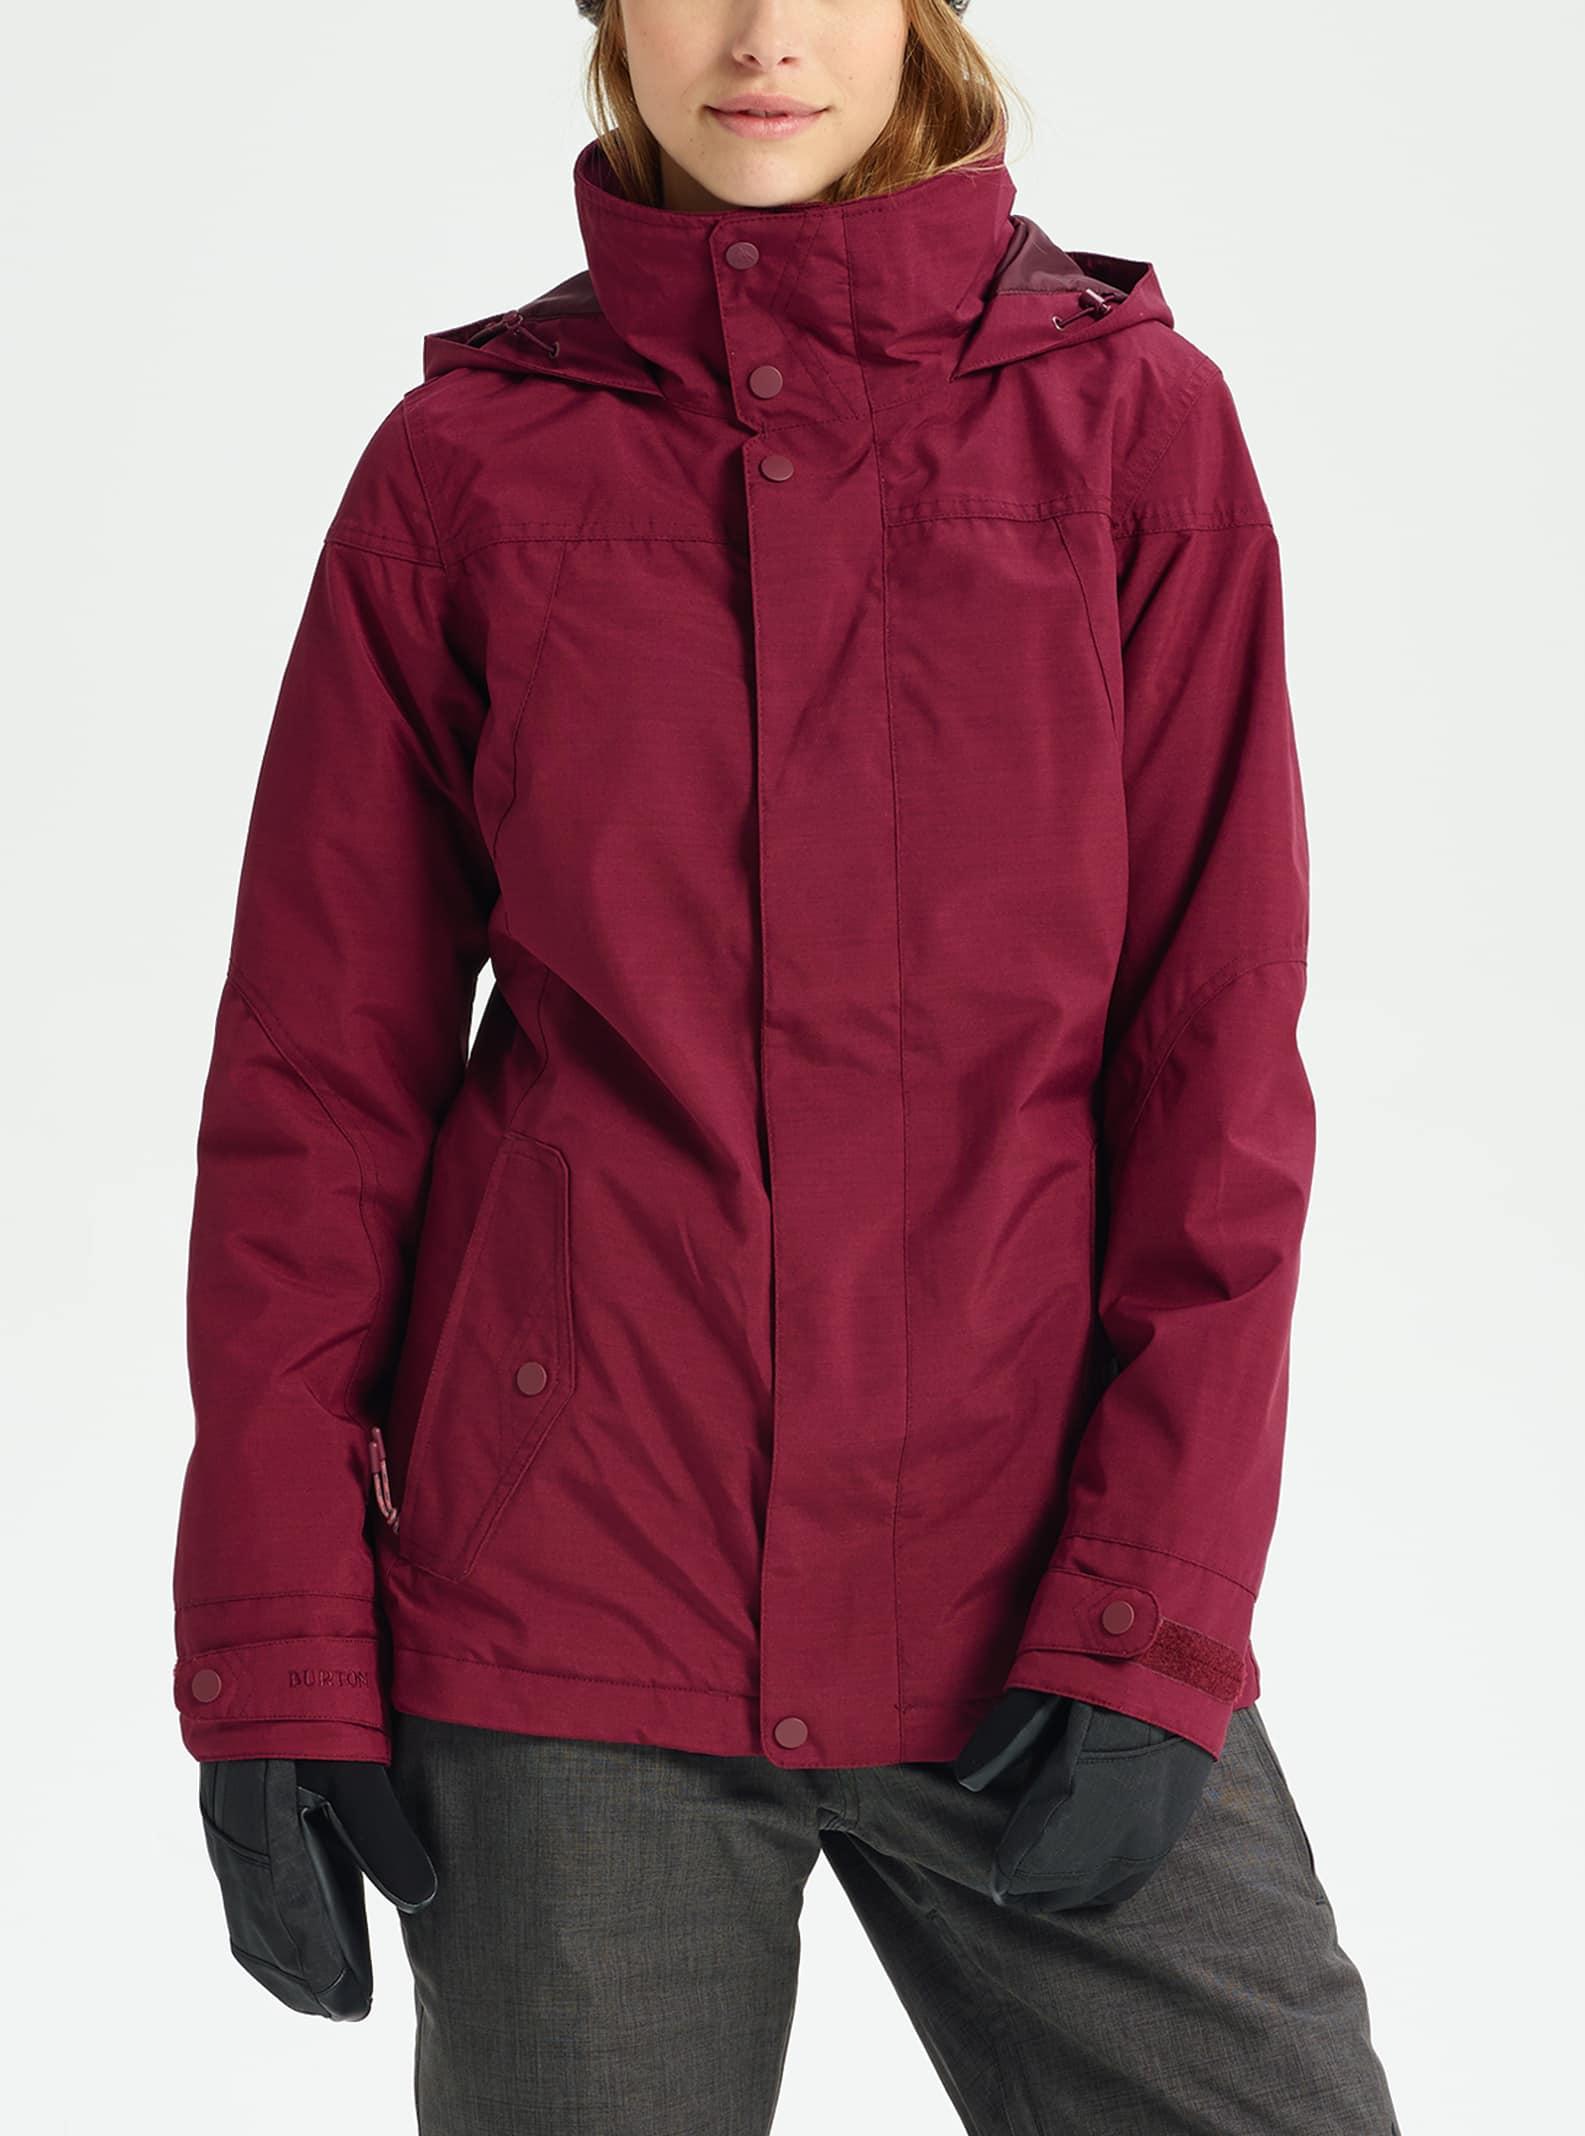 cef2970302 Women s Snowboard Jackets